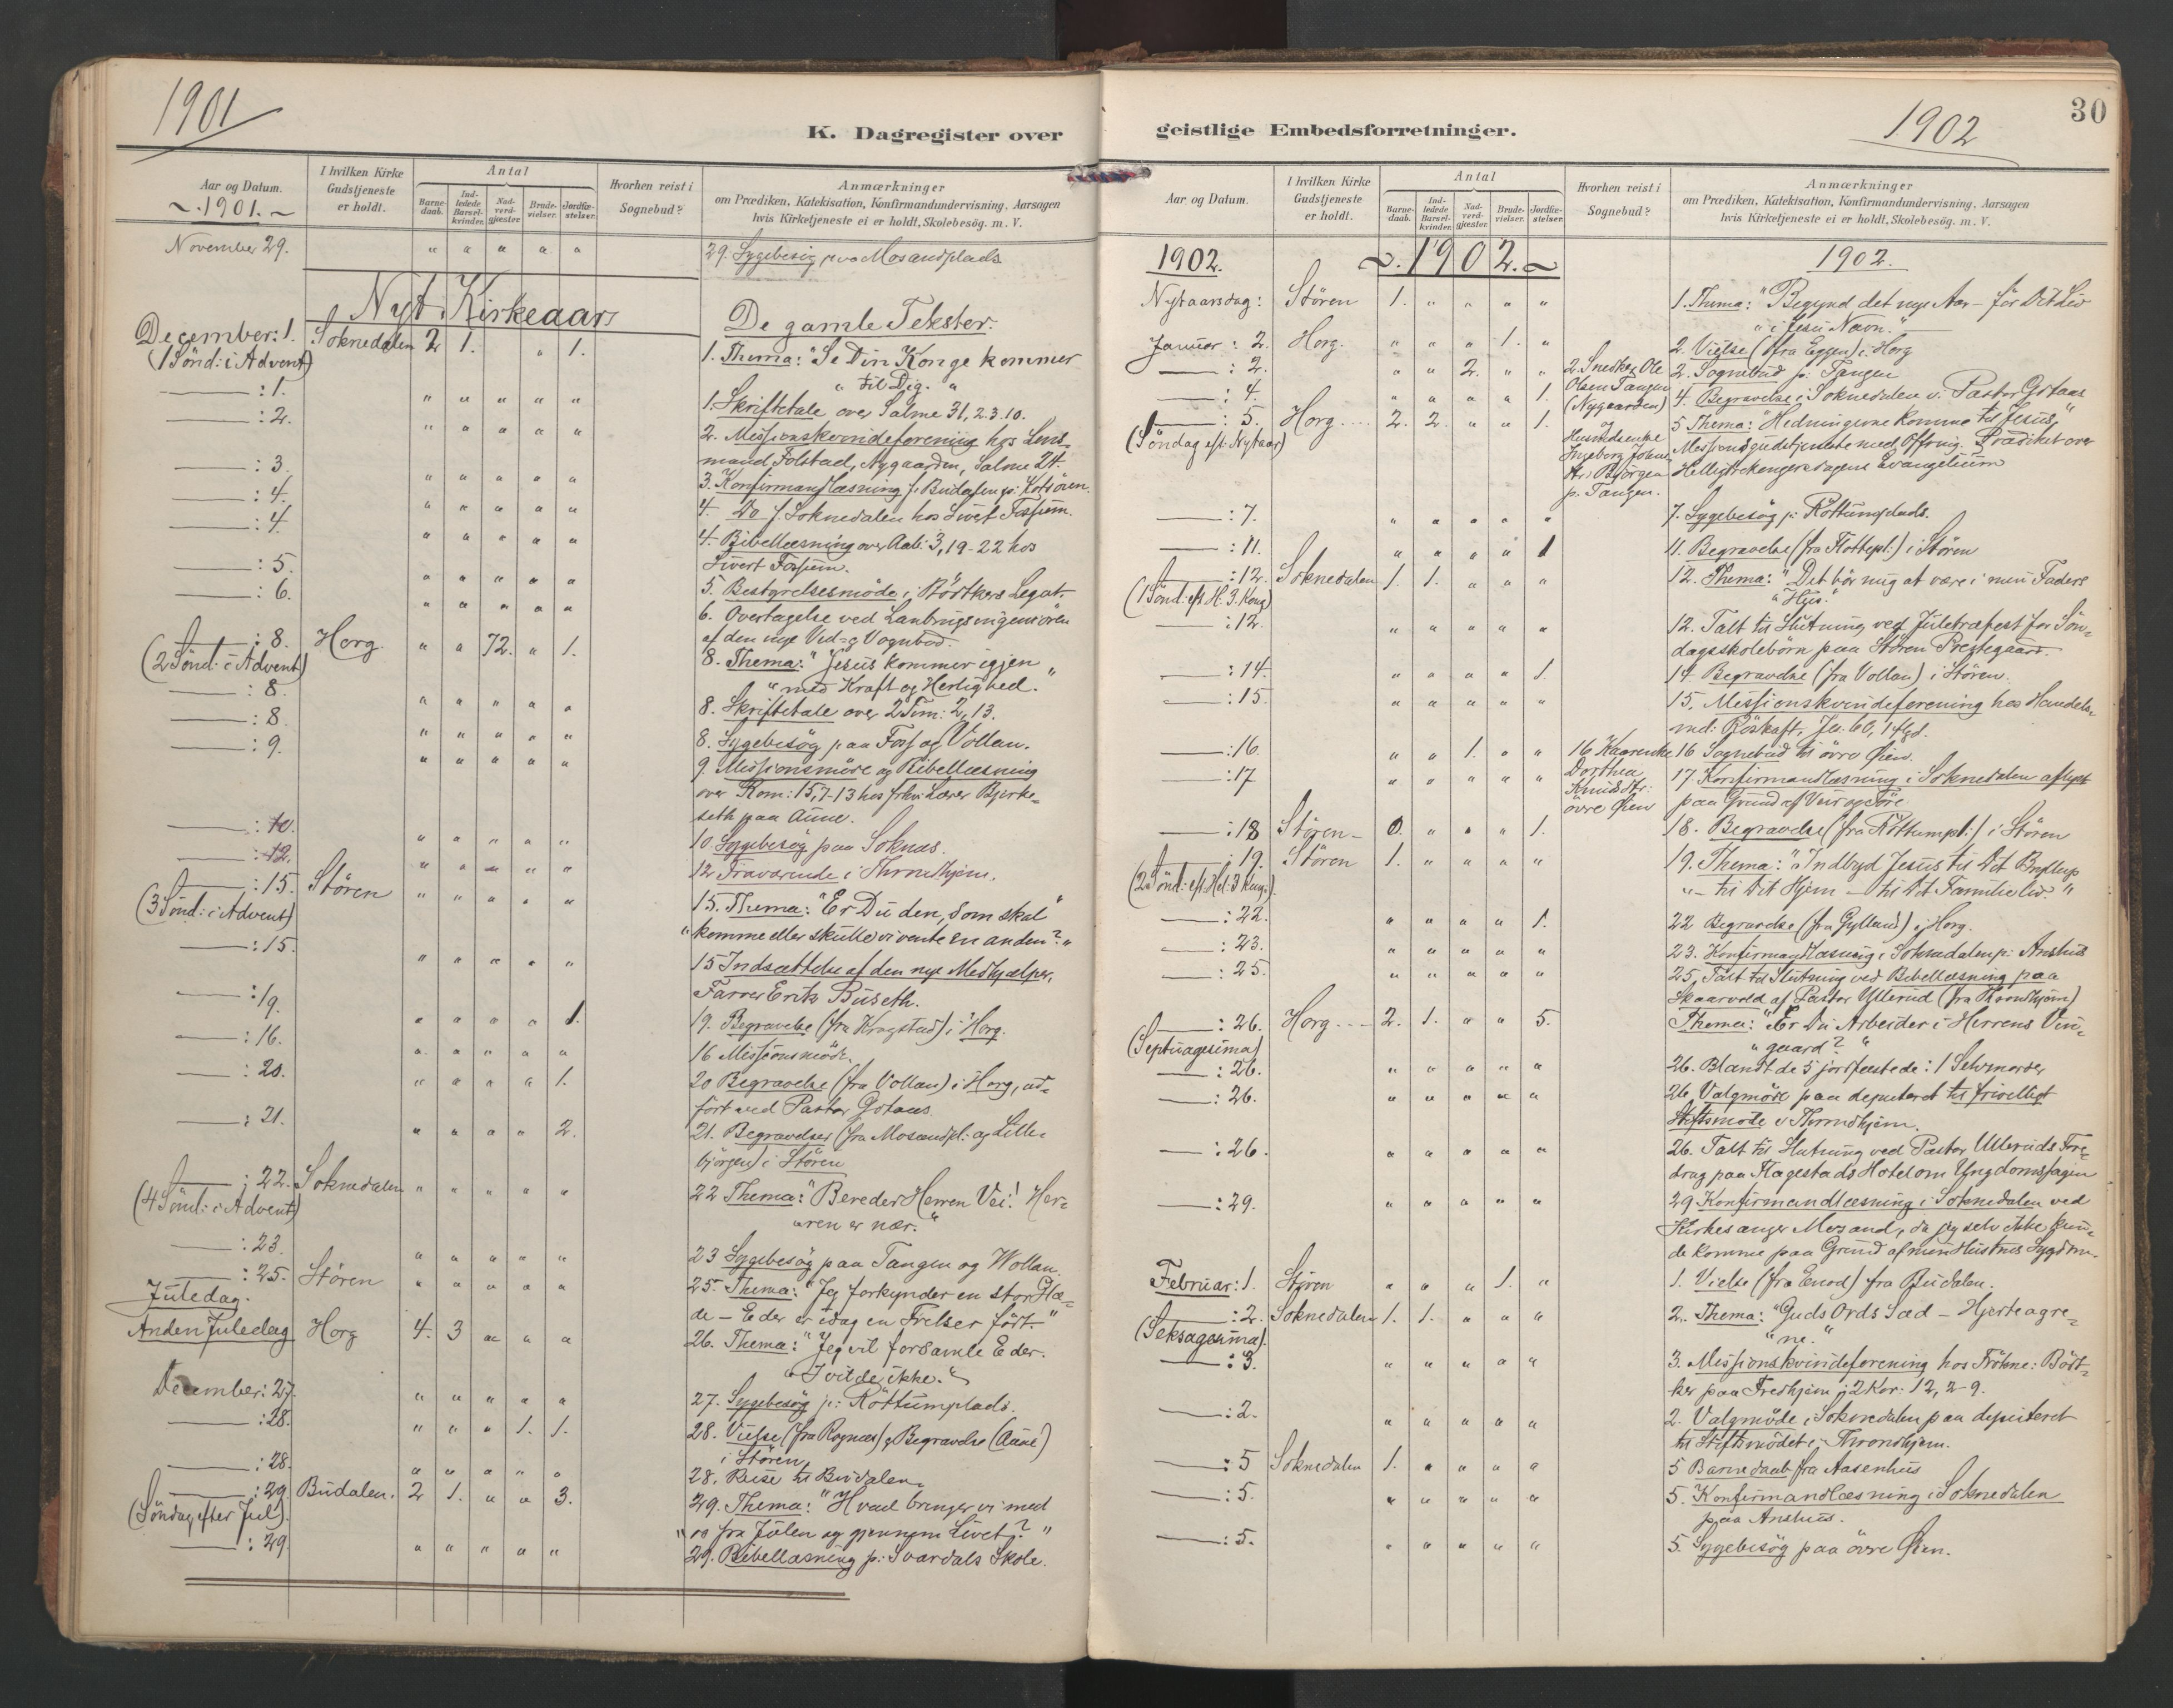 SAT, Ministerialprotokoller, klokkerbøker og fødselsregistre - Sør-Trøndelag, 687/L1005: Dagregister nr. 687A11, 1891-1912, s. 30